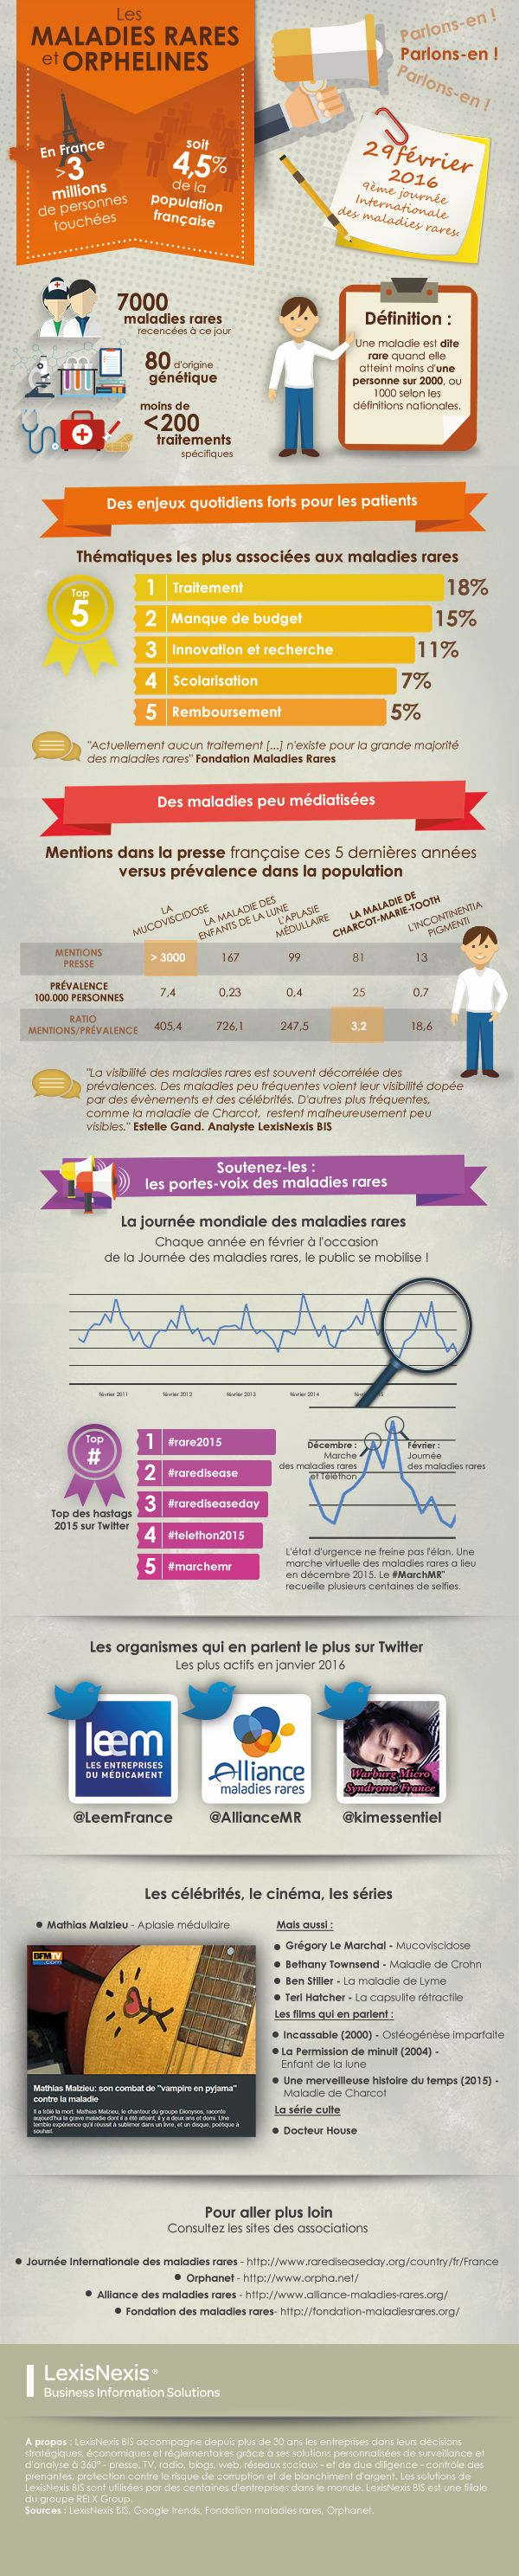 Infographie sur les maladies rares en France